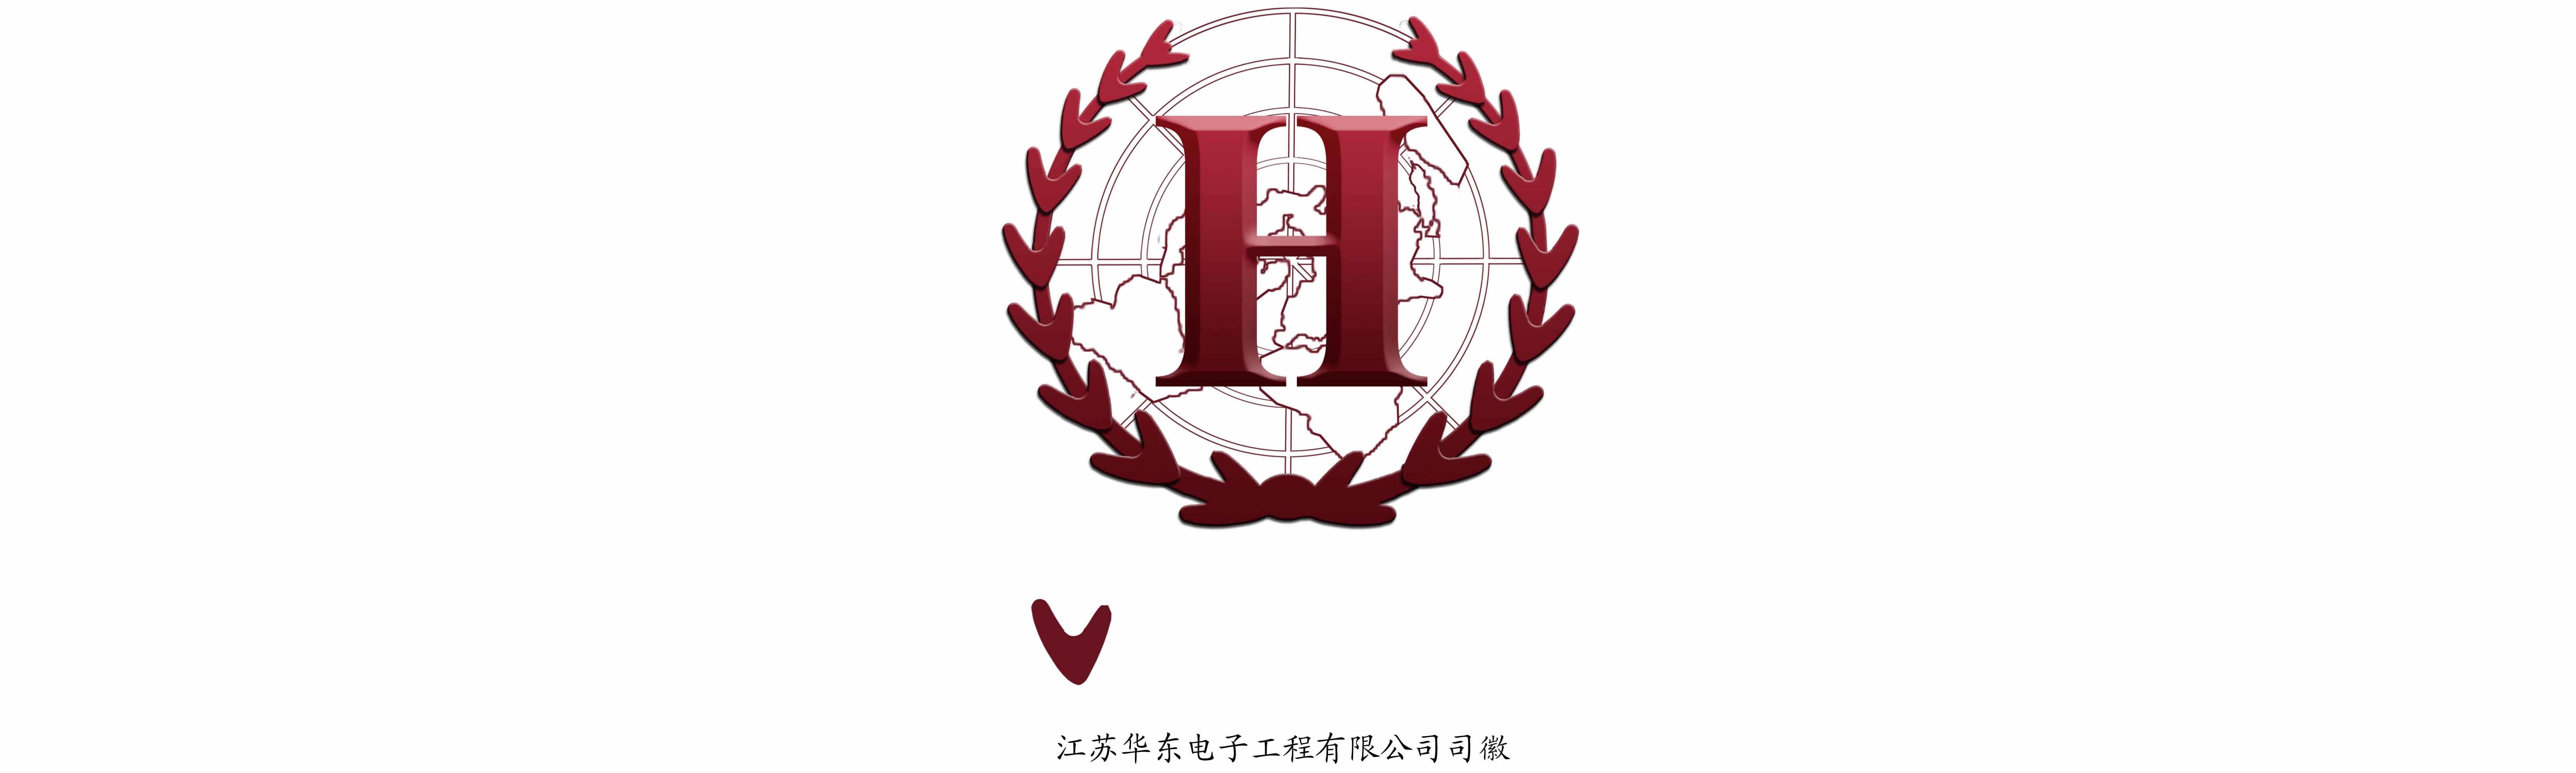 江苏赛华建设监理有限公司